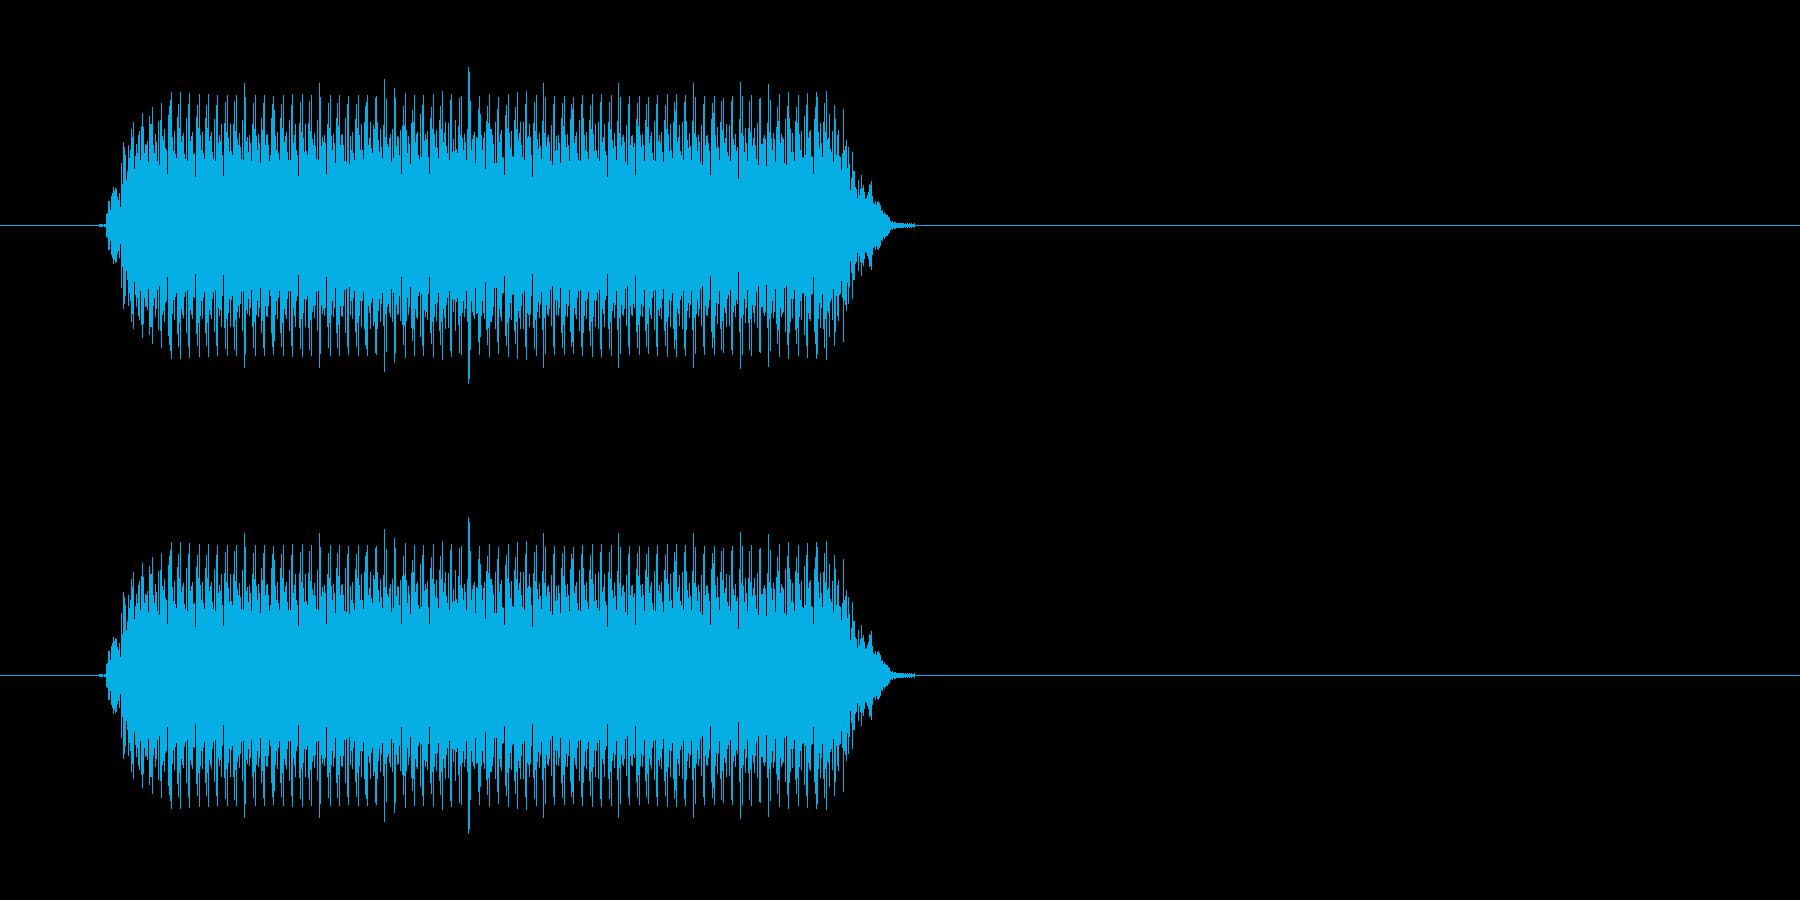 警報機の音の再生済みの波形